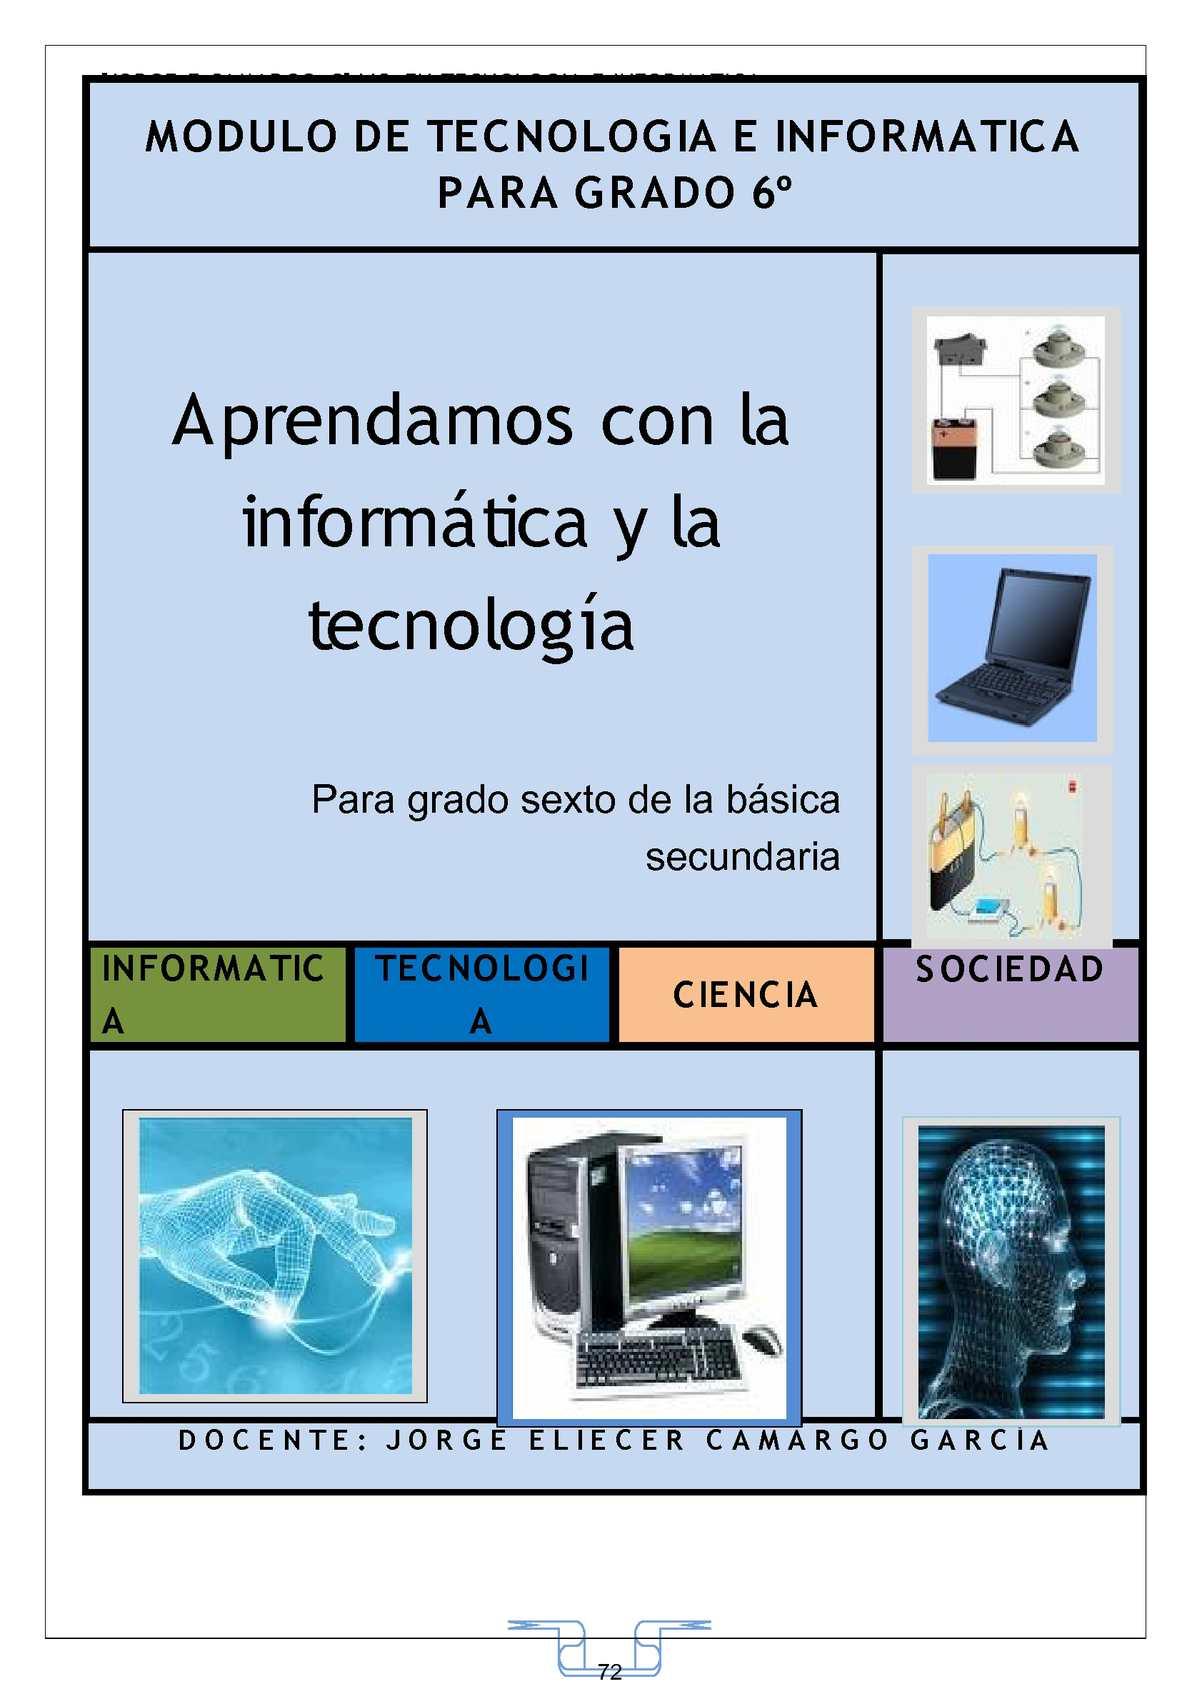 Calaméo - MODULO DE TECNOLOGÍA E INFORMÁTICA PARA GRADO 6o